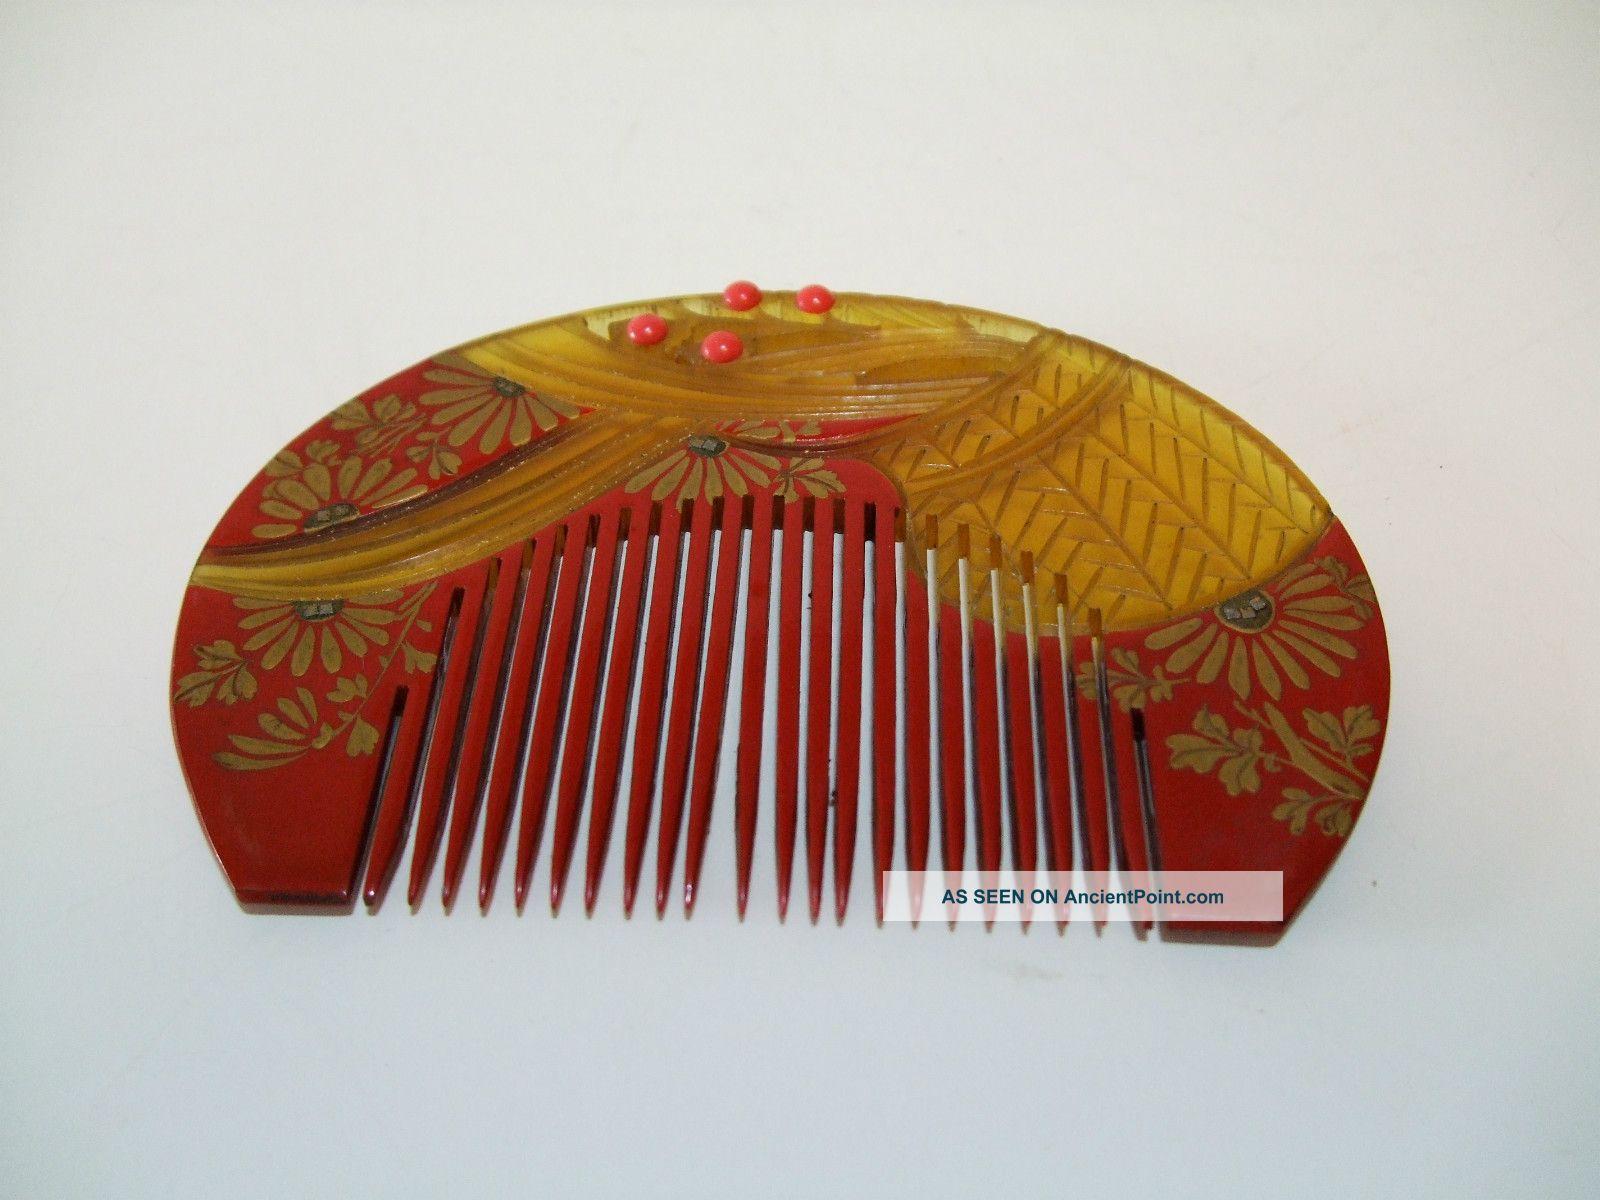 Hot sale decorative hair comb wholesale images